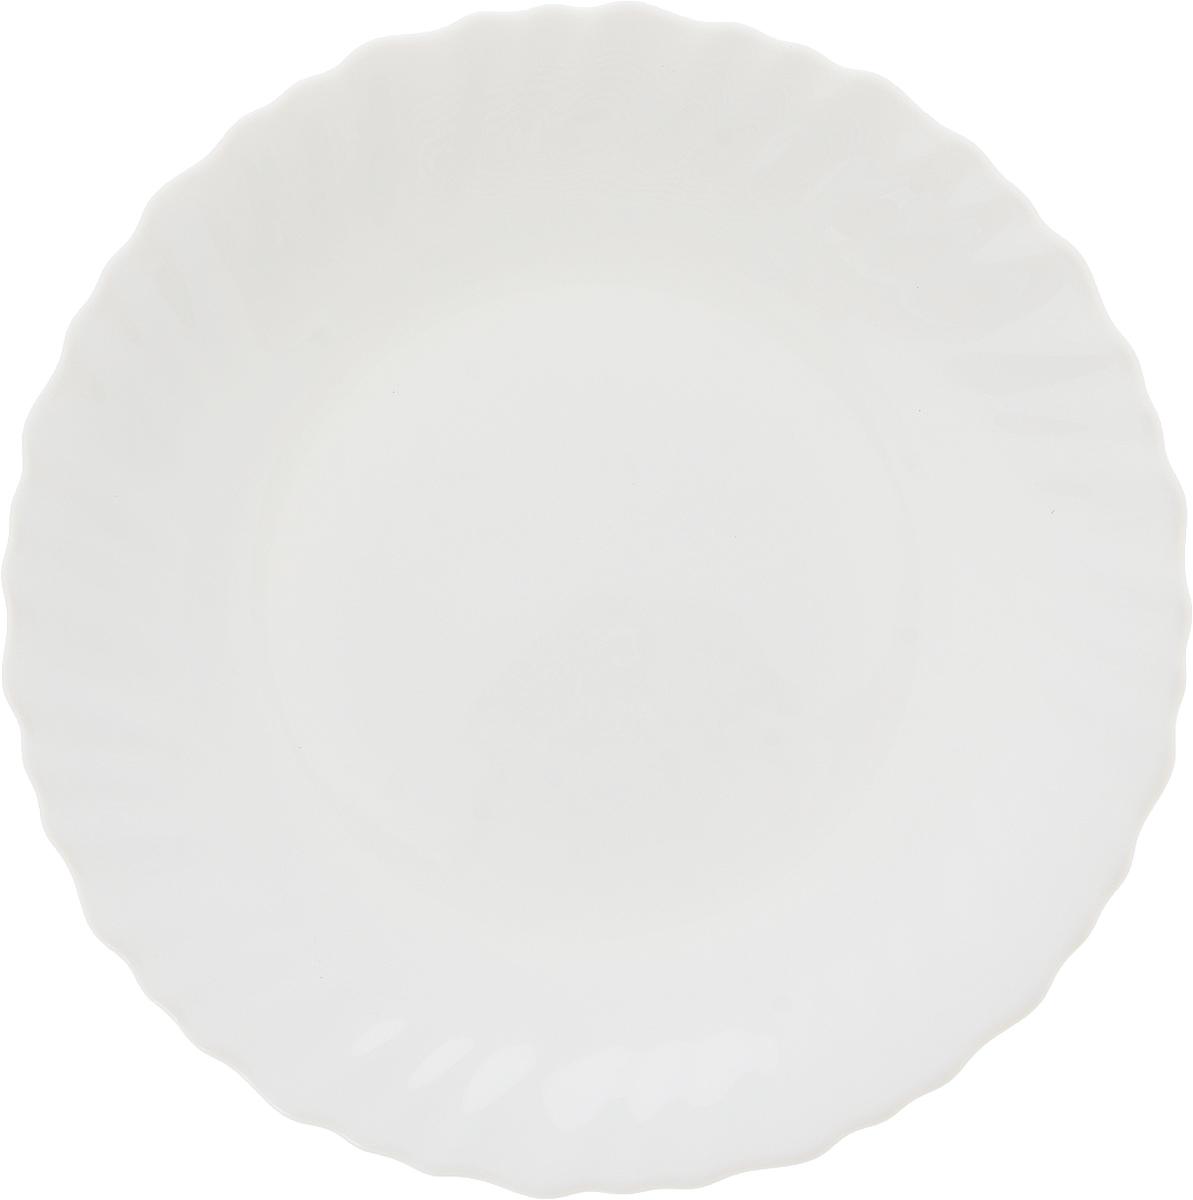 Тарелка десертная Luminarc Feston, диаметр 19 смJ6332Десертная тарелка Luminarc Feston, изготовленная из высококачественного стекла, имеет изысканный внешний вид. Такая тарелка прекрасно подходит как для торжественных случаев, так и для повседневного использования. Идеальна для подачи десертов, пирожных, тортов и многого другого. Она прекрасно оформит стол и станет отличным дополнением к вашей коллекции кухонной посуды.Диаметр тарелки: 19 см.Высота тарелки: 2 см.